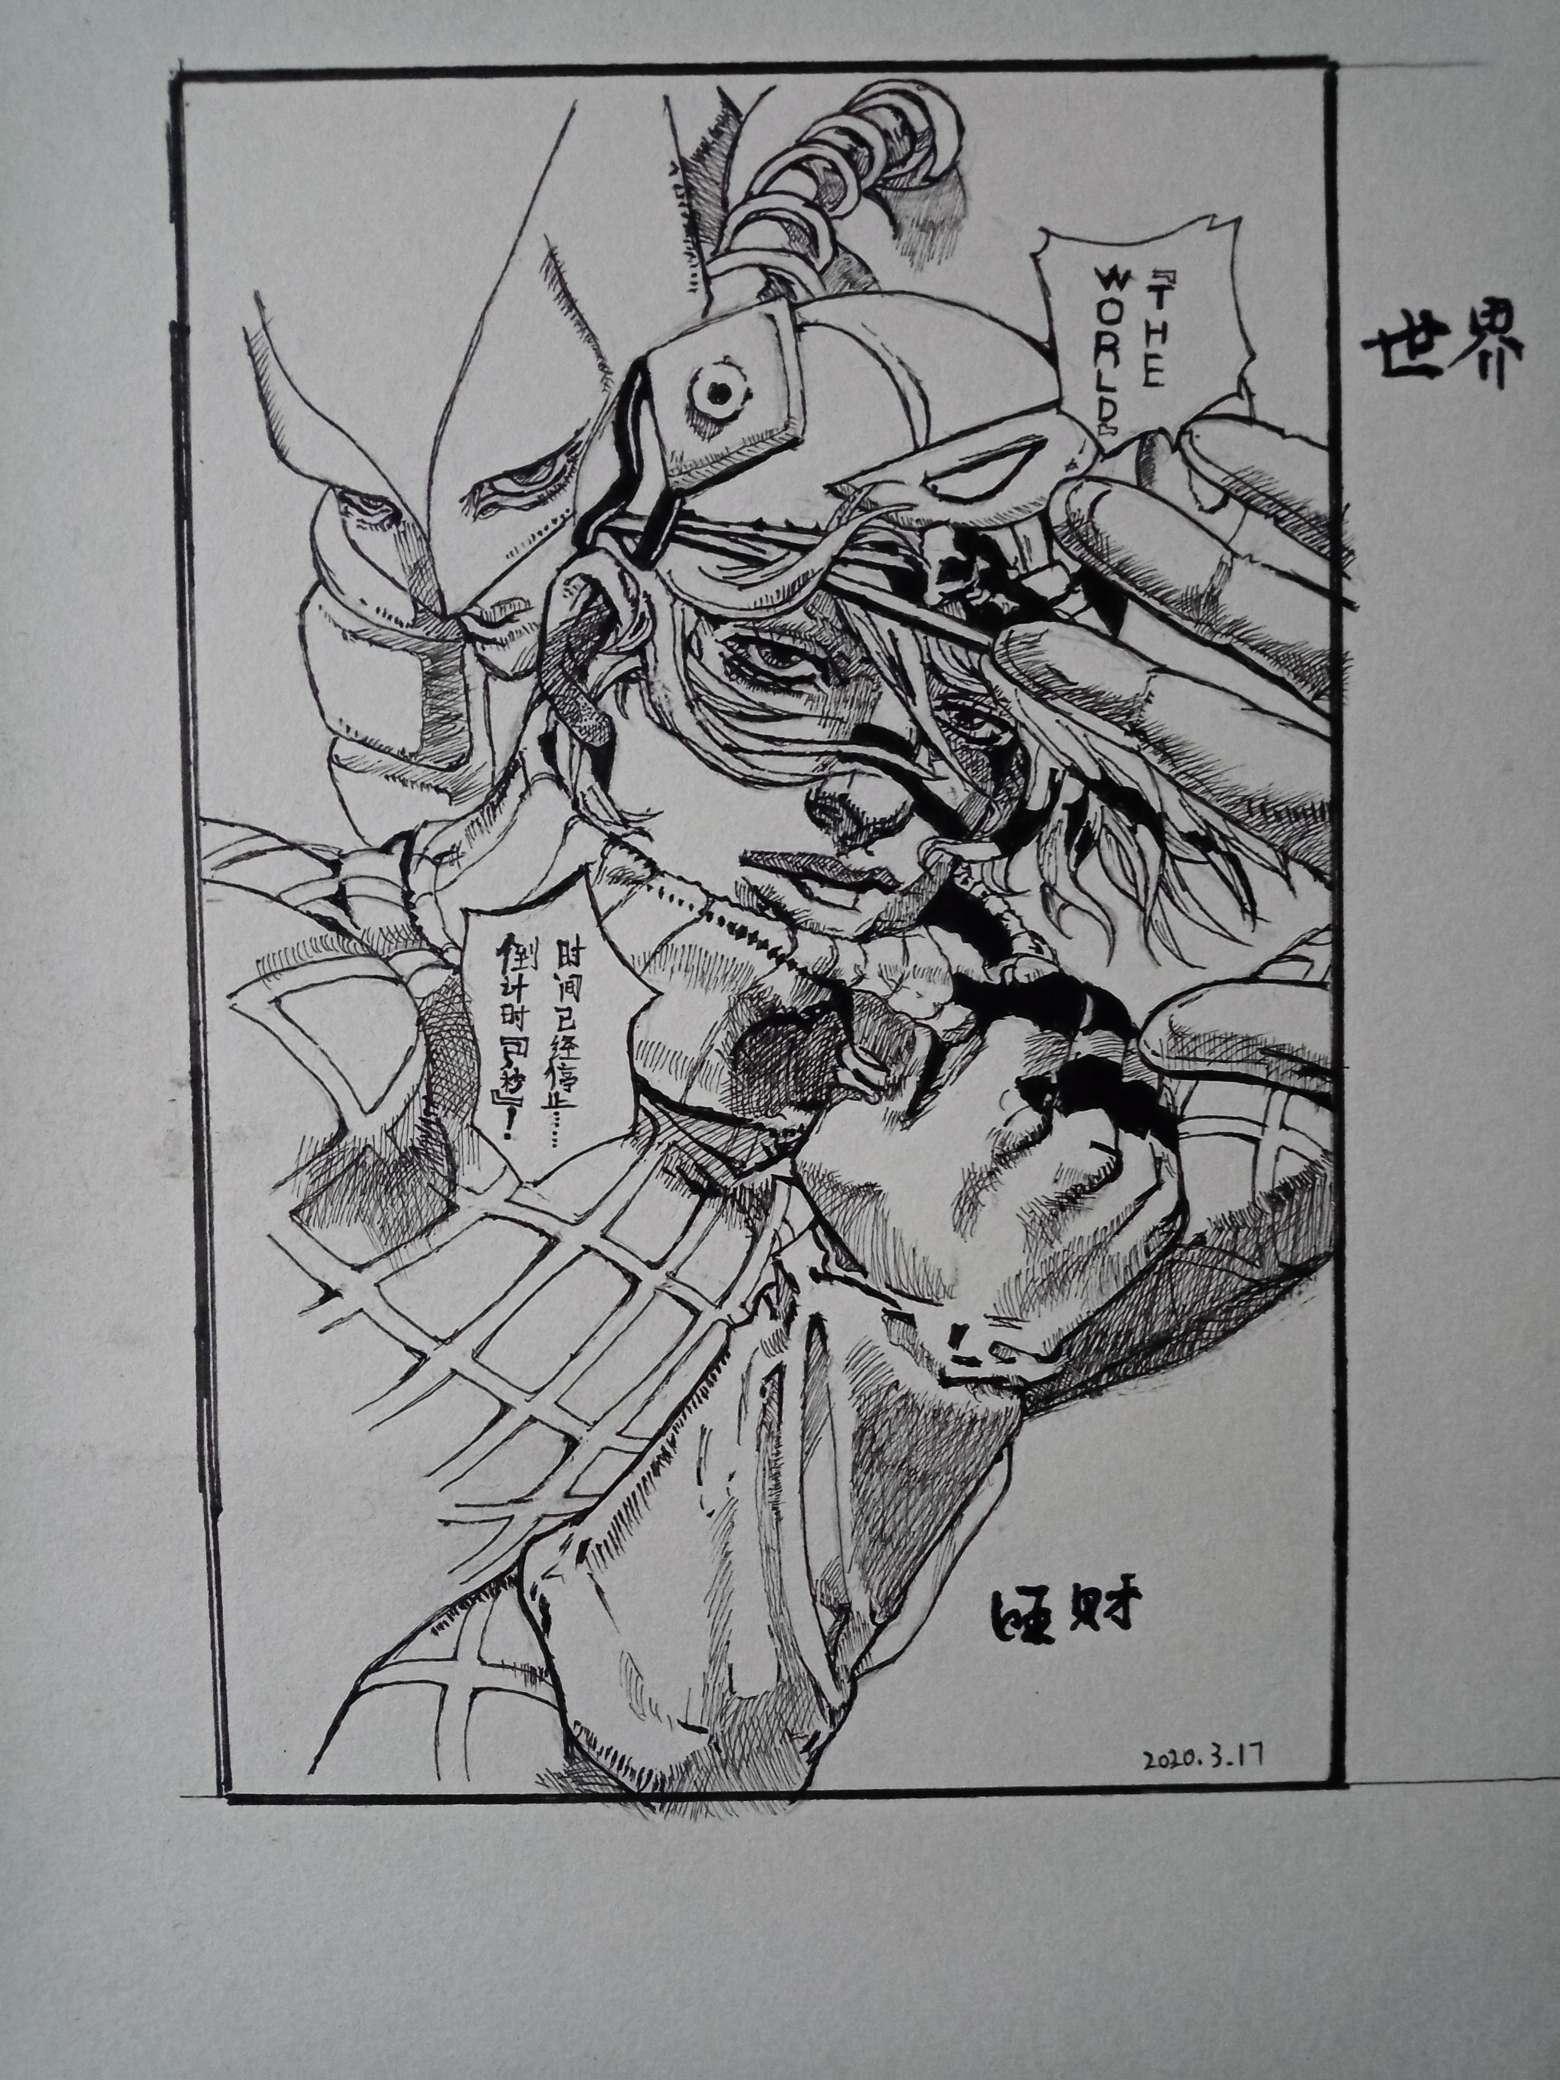 【成品】【手绘】迪亚哥布兰度